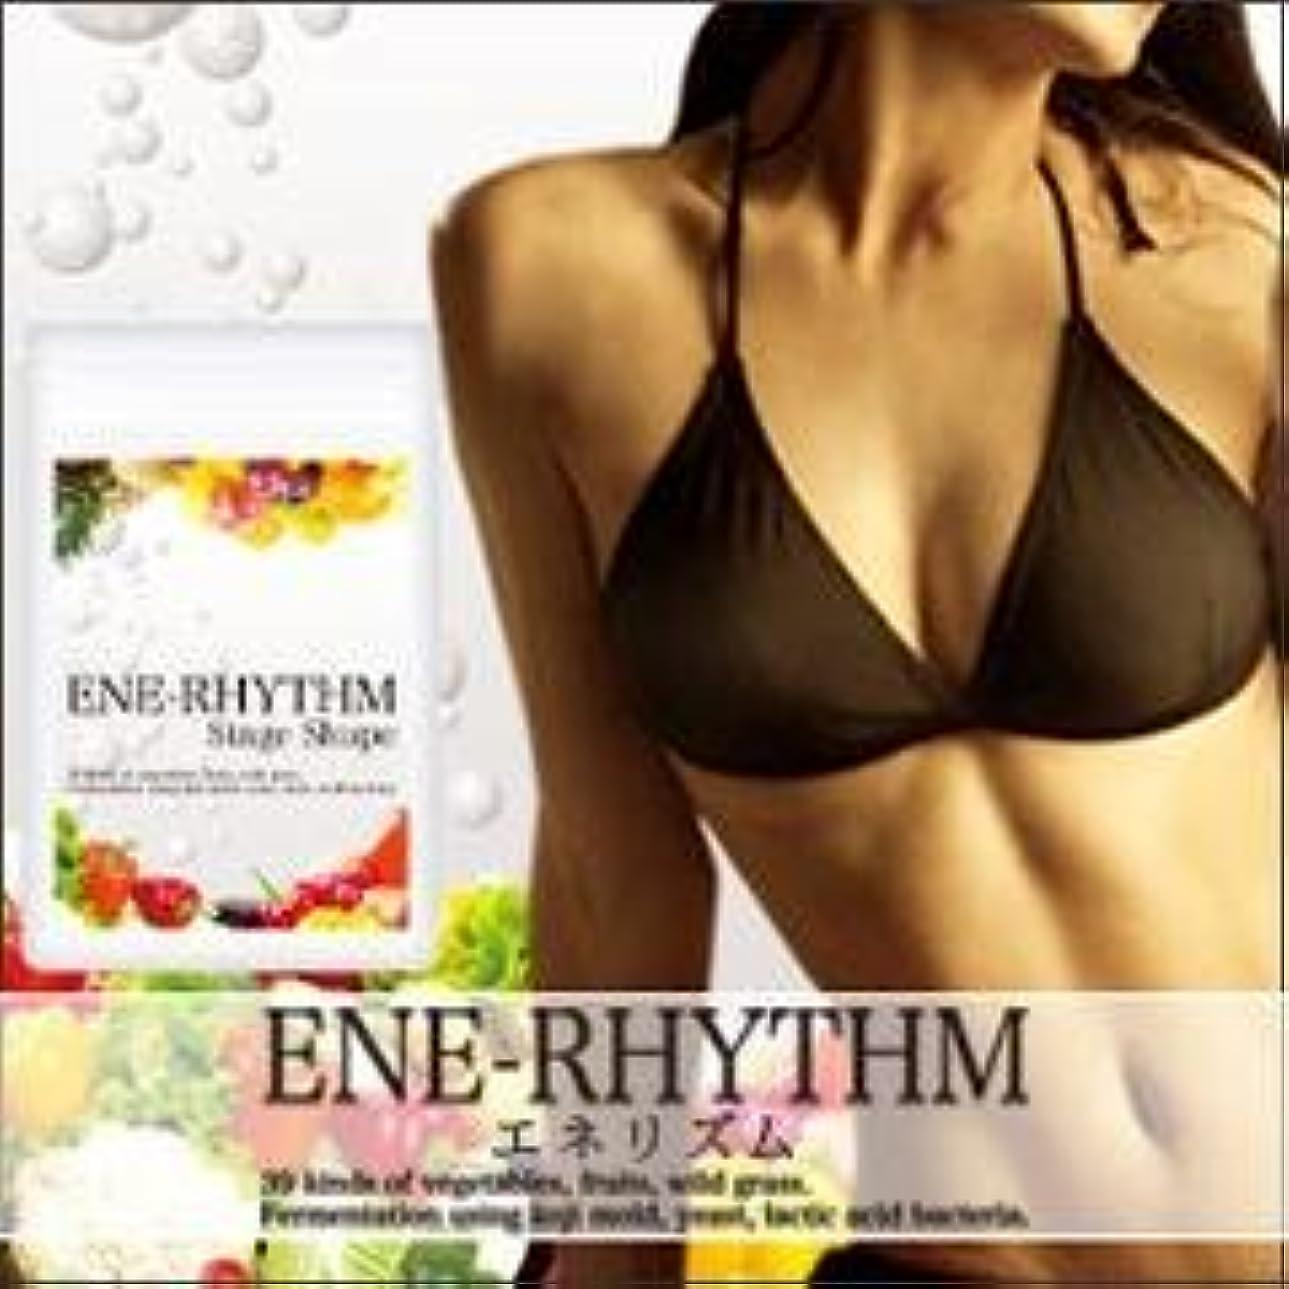 ほのか気分が良い事件、出来事エネリズム -ENE RHYTHM-(3個)